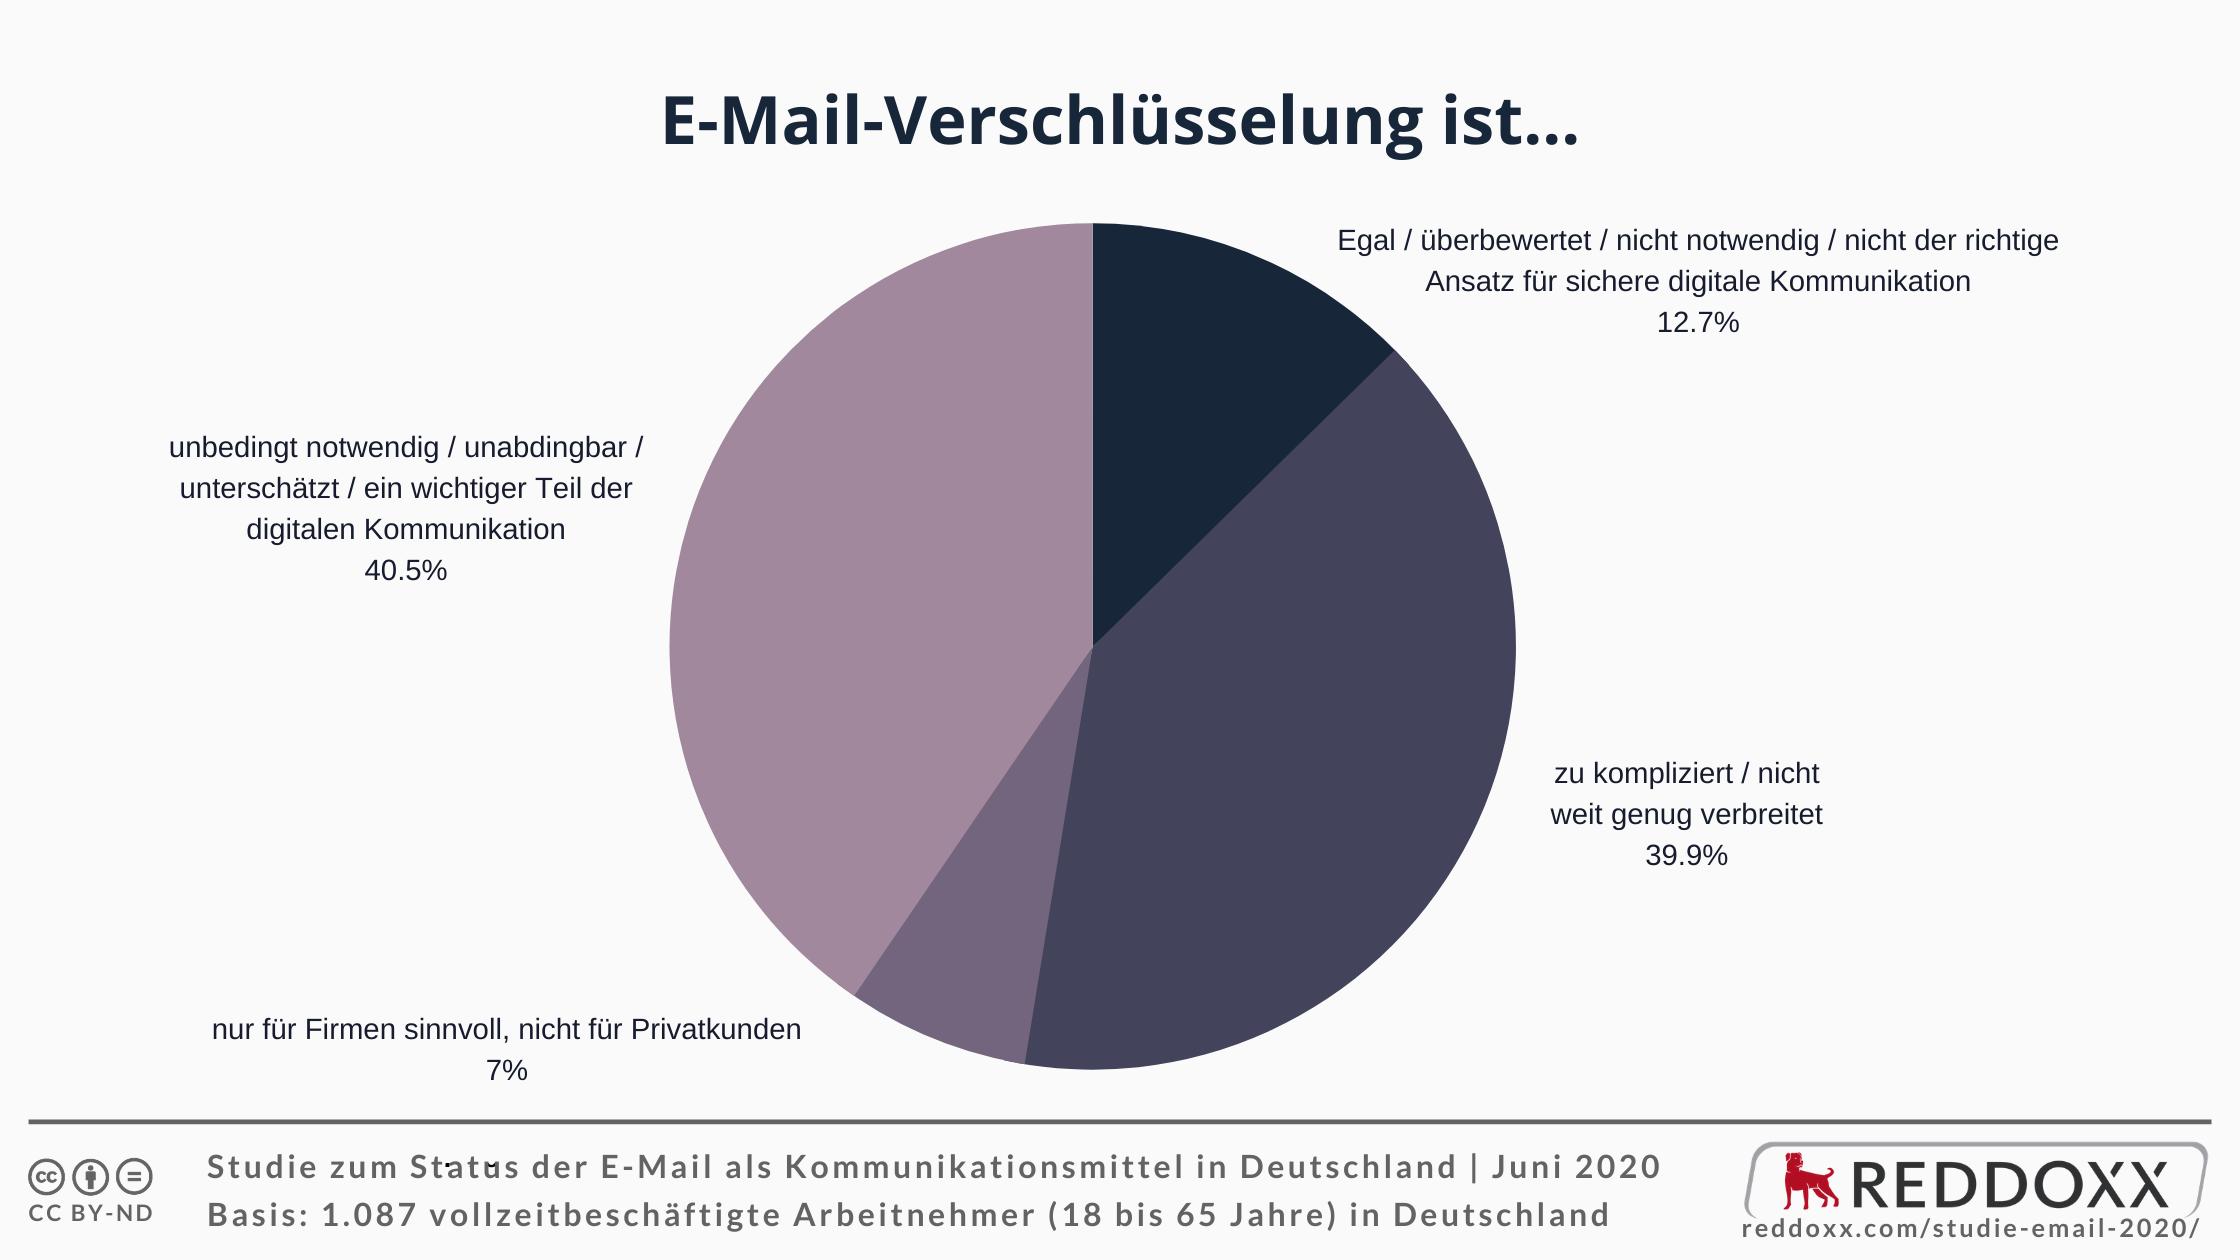 E-Mail-Verschlüsselung ist...